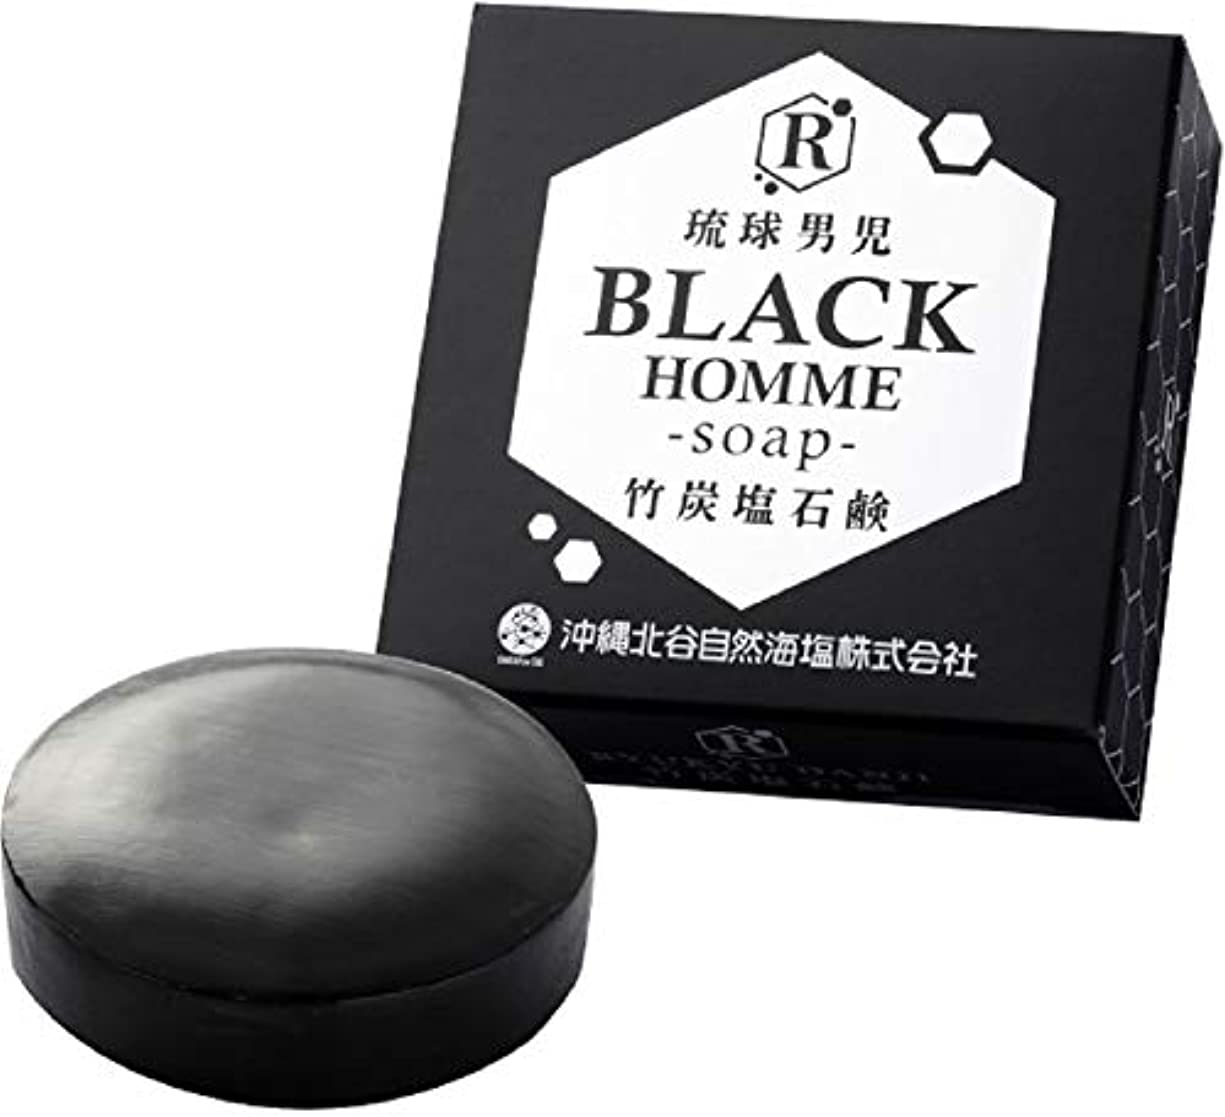 アイスクリームミスペンド探偵【3個セット】琉球男児 竹炭塩石鹸 BLACK HOMME-soap- 60g 泡立てネット付き